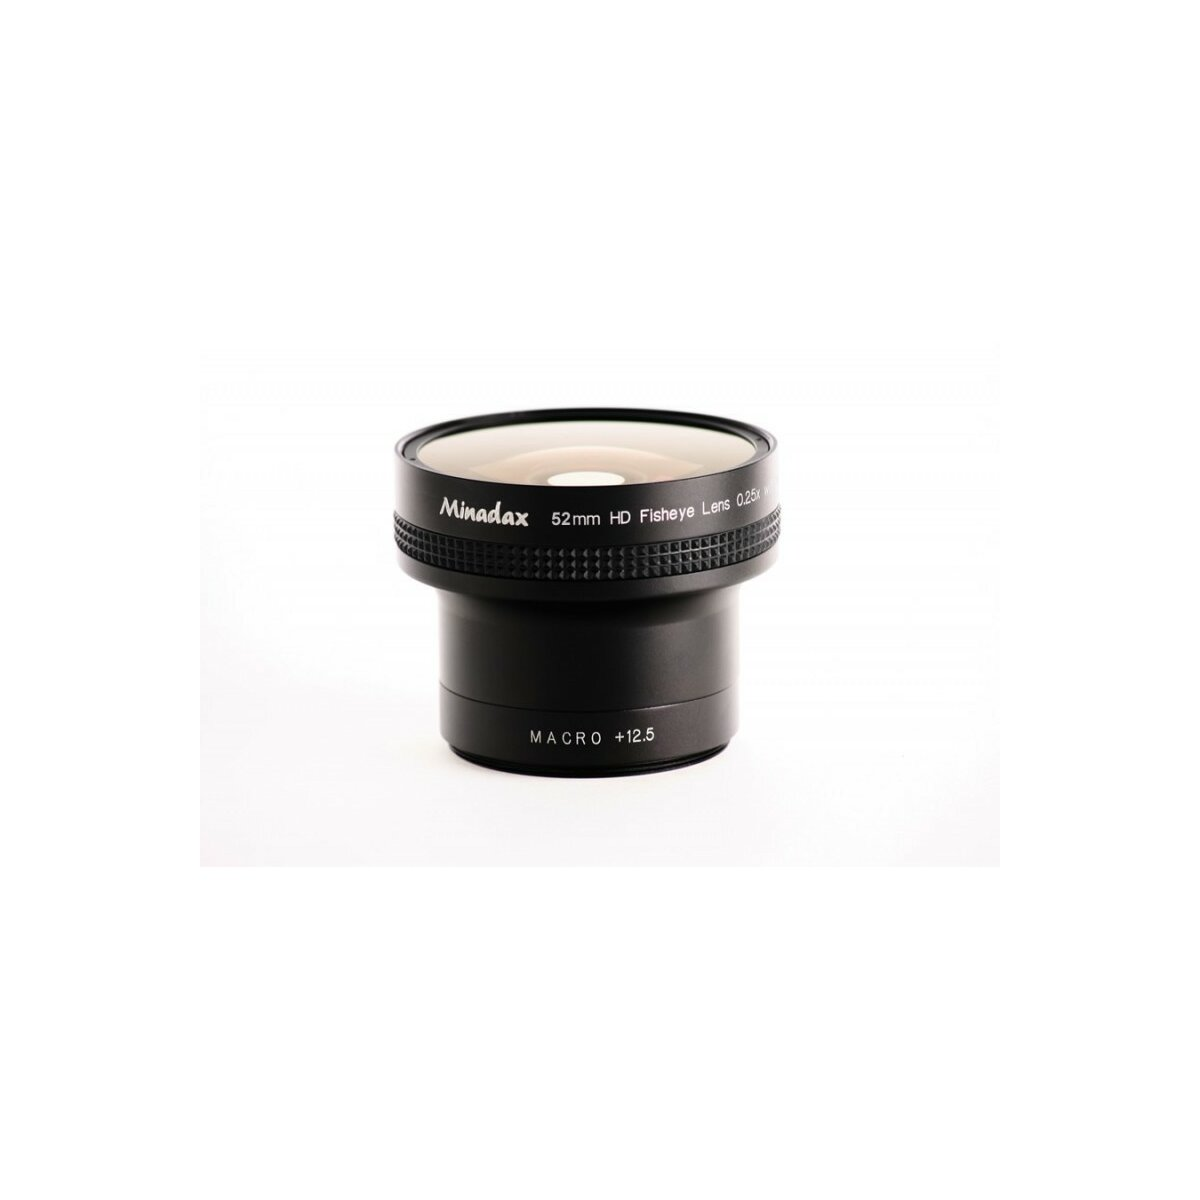 0.25x Minadax Fisheye Vorsatz kompatibel mit Canon Powershot A610, A620, A630, A640 - in schwarz